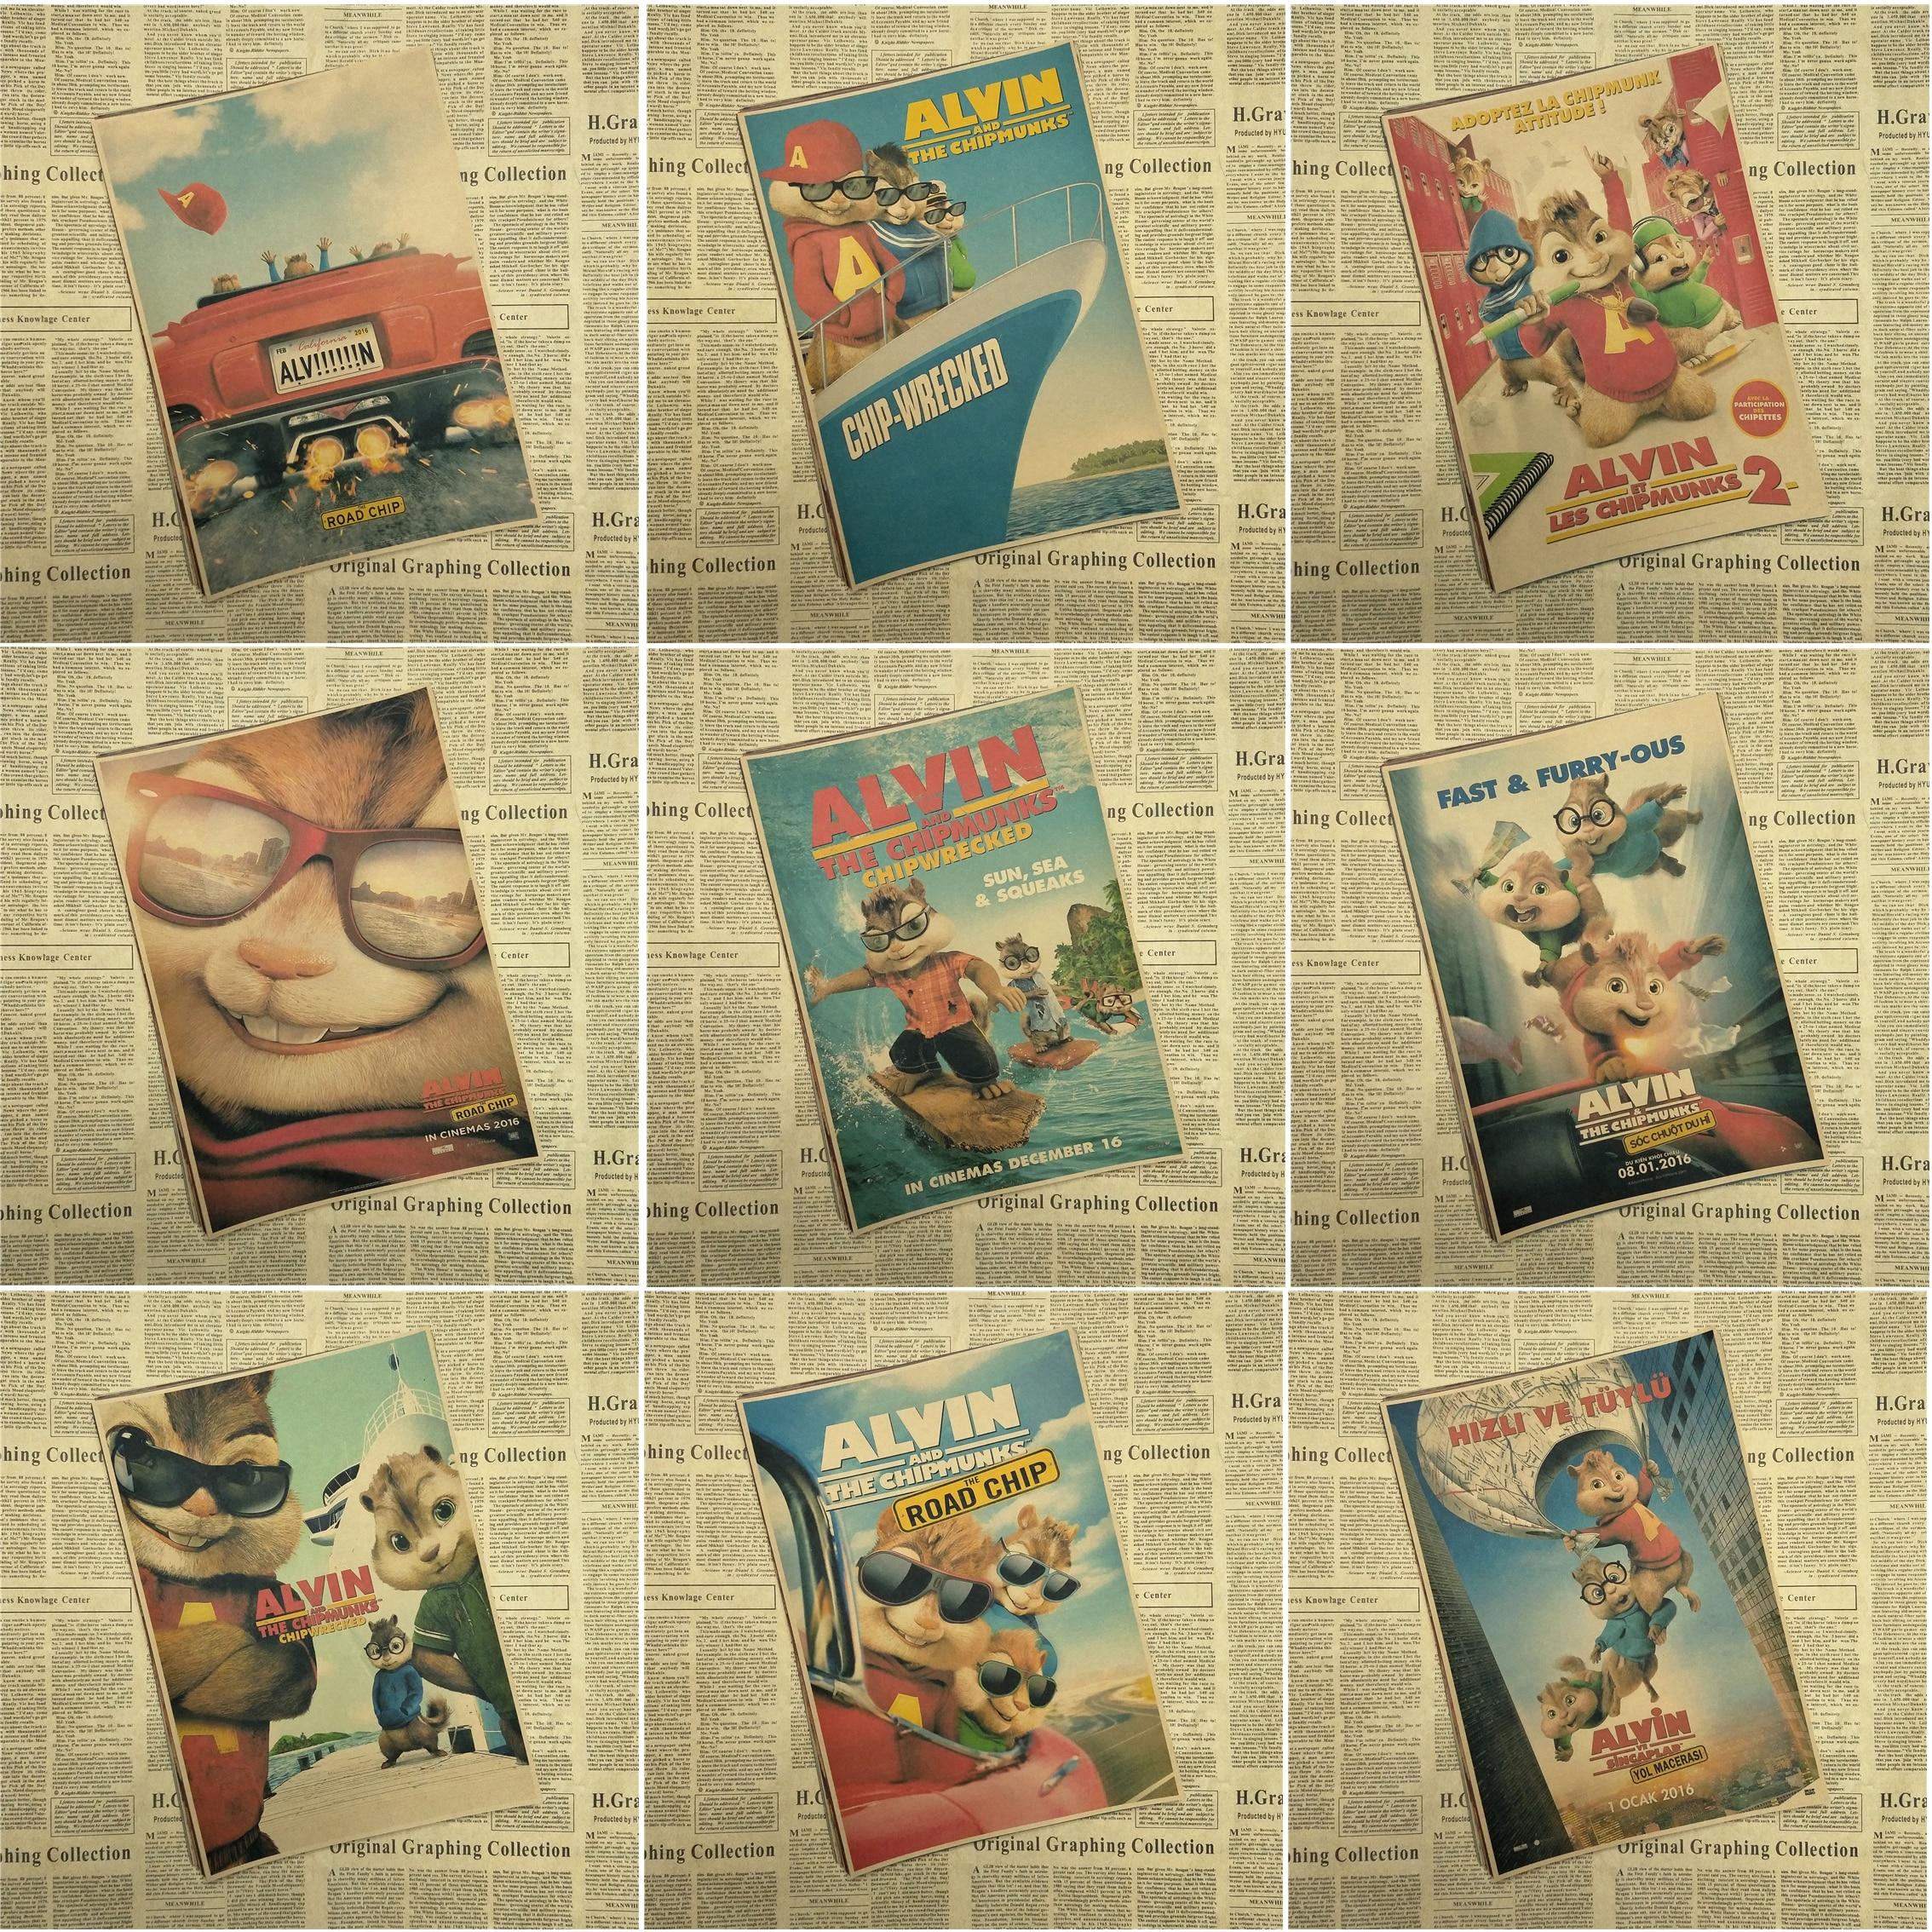 Alvin y las ardillas Retro dibujos animados película decoración de carteles pintura núcleo papel pintado Mural dibujo pegatinas colgar foto